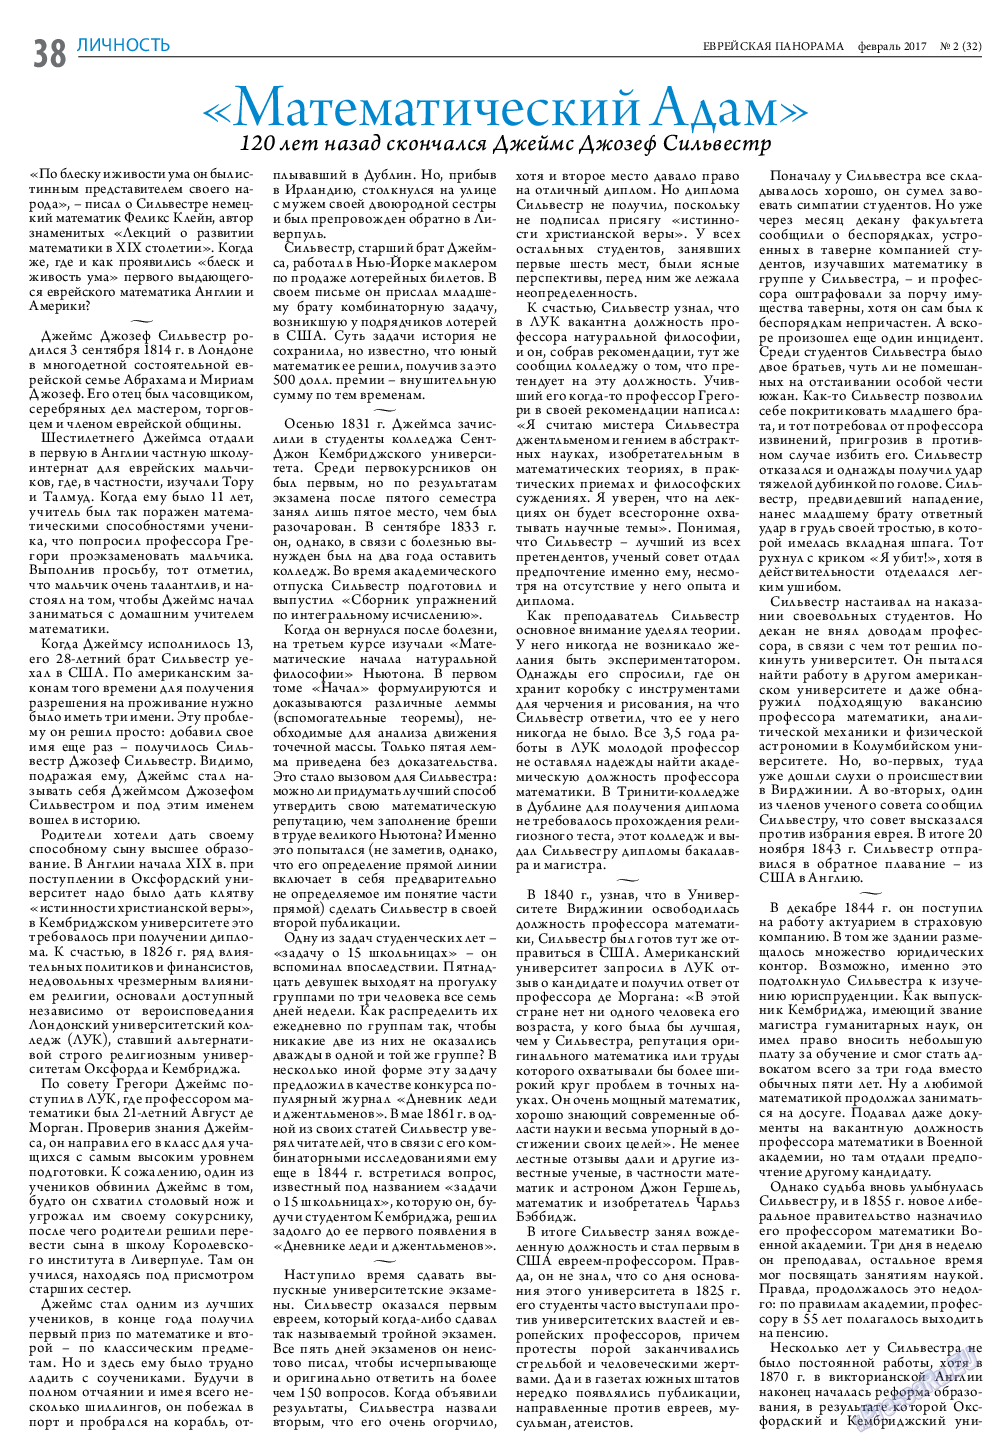 Еврейская панорама (газета). 2017 год, номер 2, стр. 38